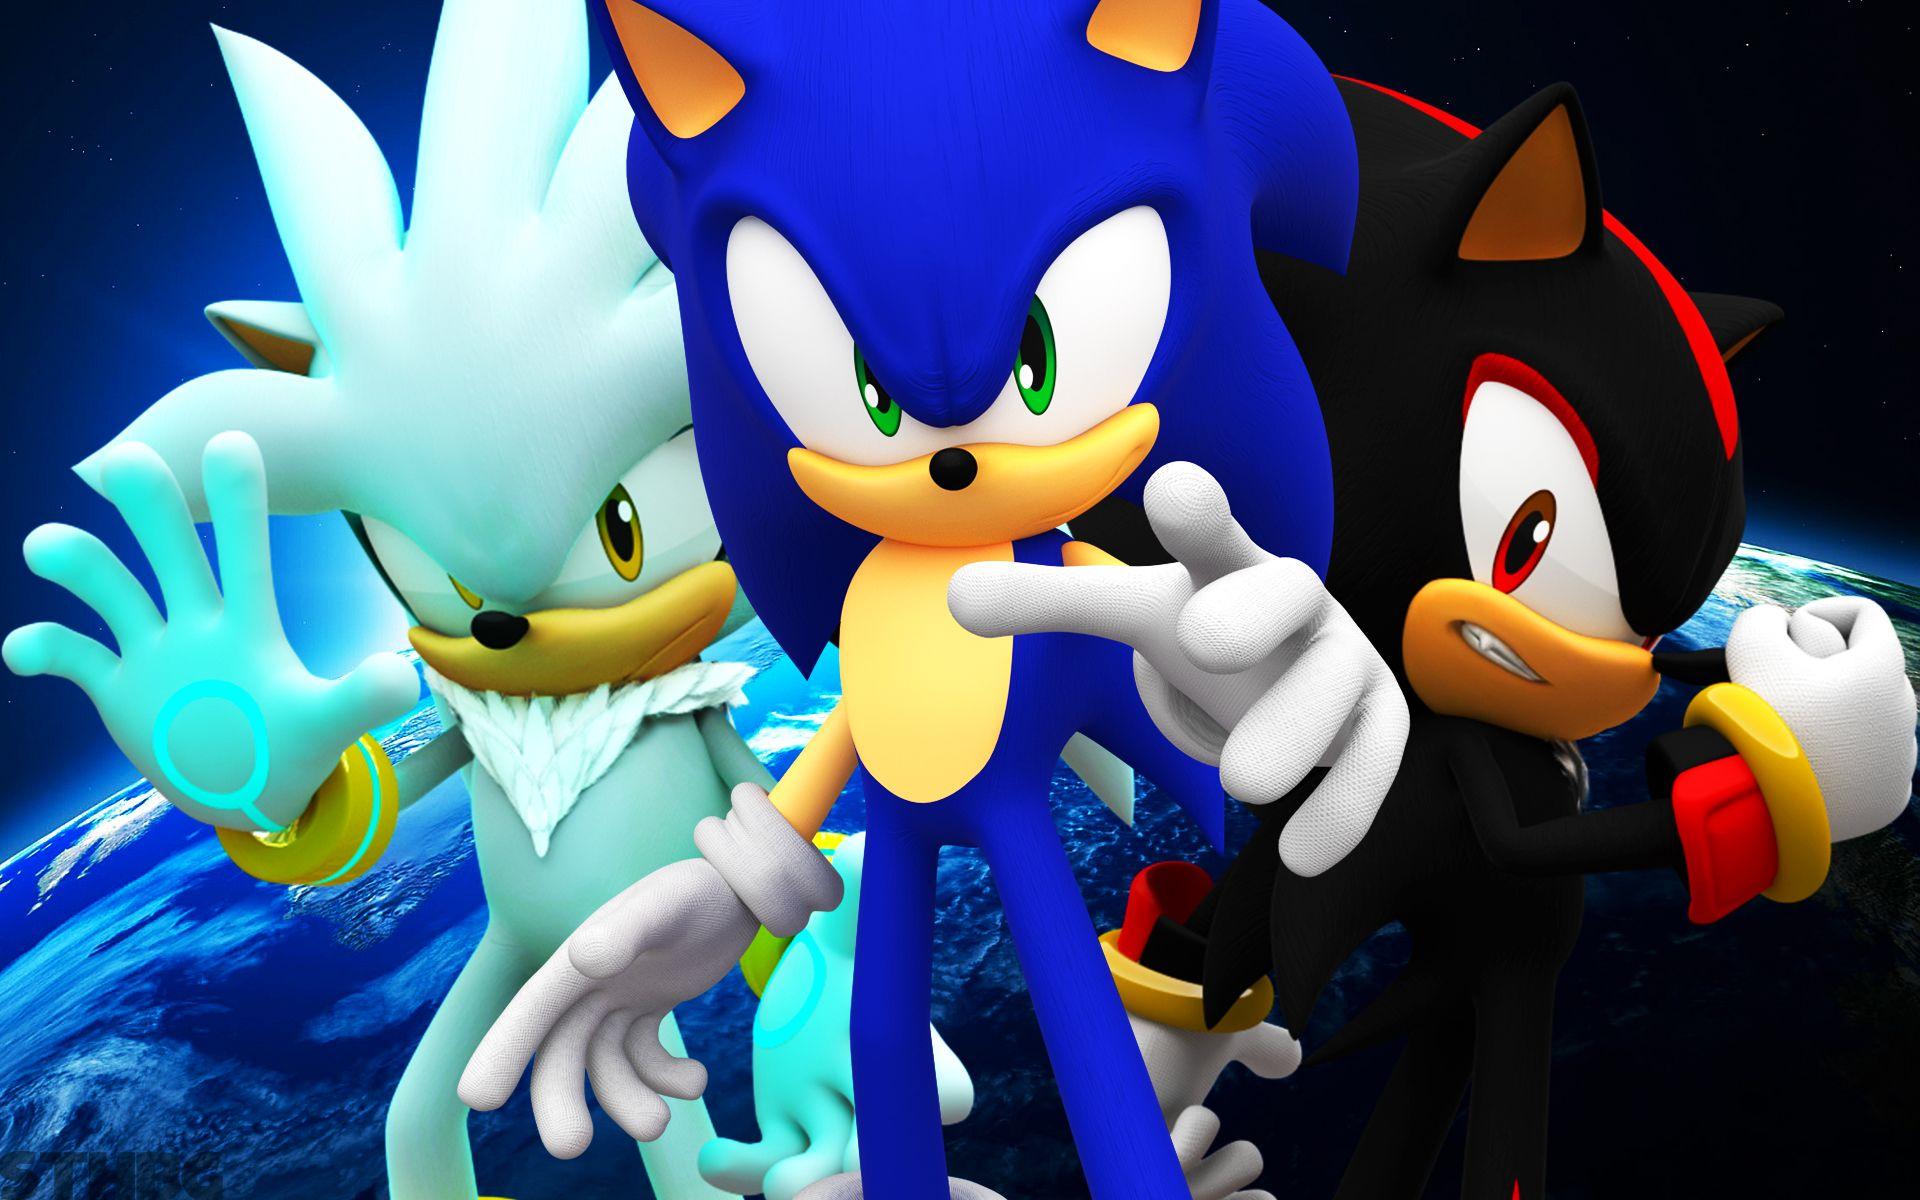 Dark Sonic Wallpapers